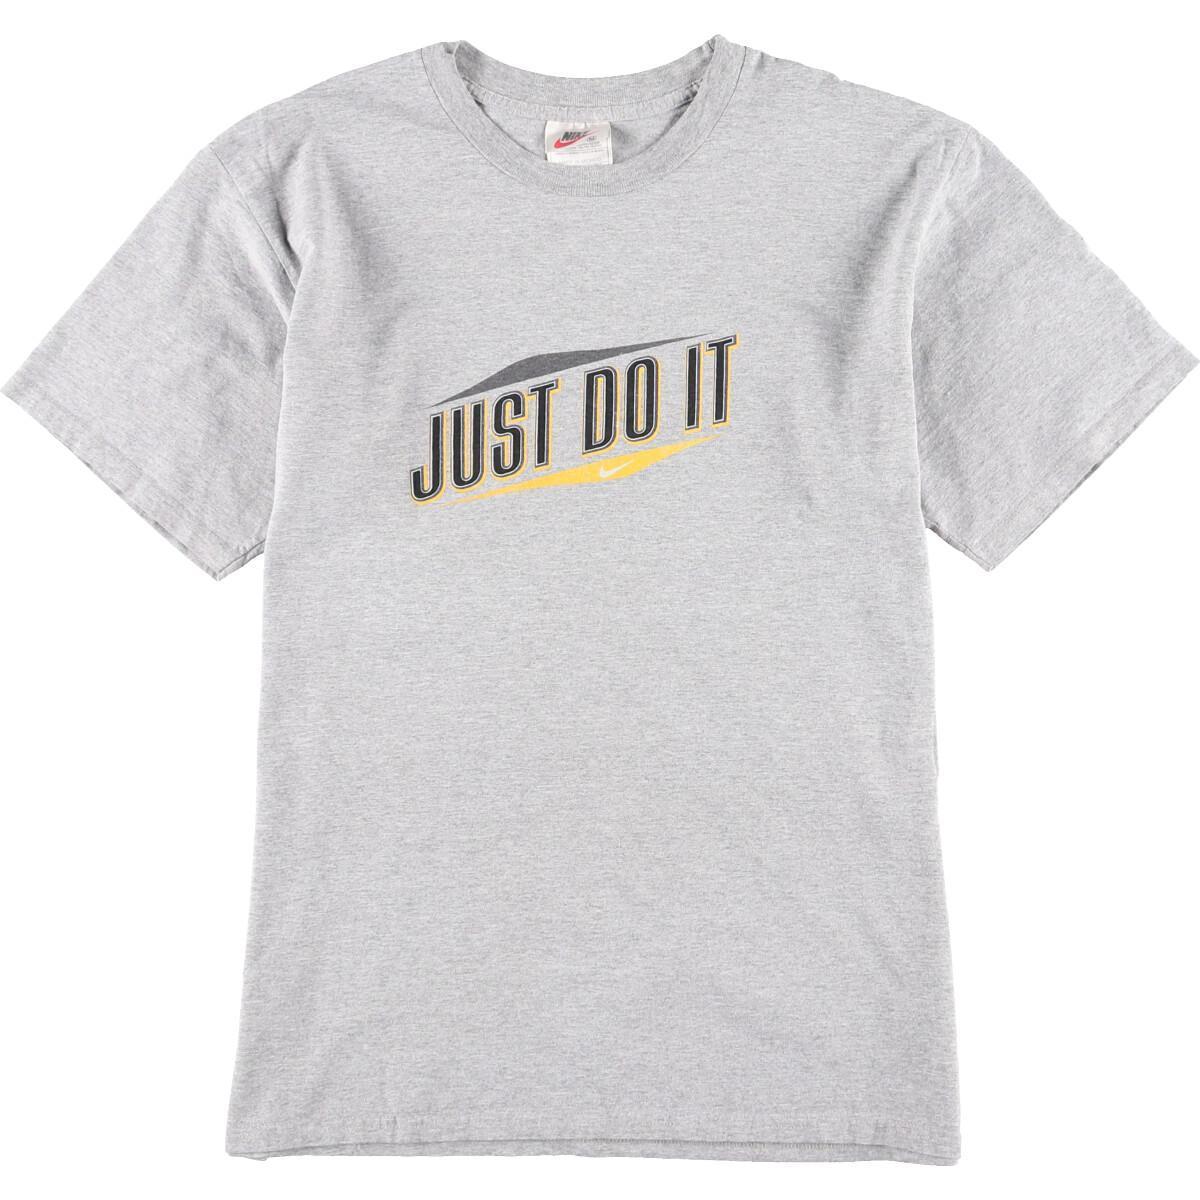 90年代 ナイキ 早割クーポン NIKE JUST DO IT メンズL eaa155556 ヴィンテージ 中古 お買い得品 ロゴプリントTシャツ 210507